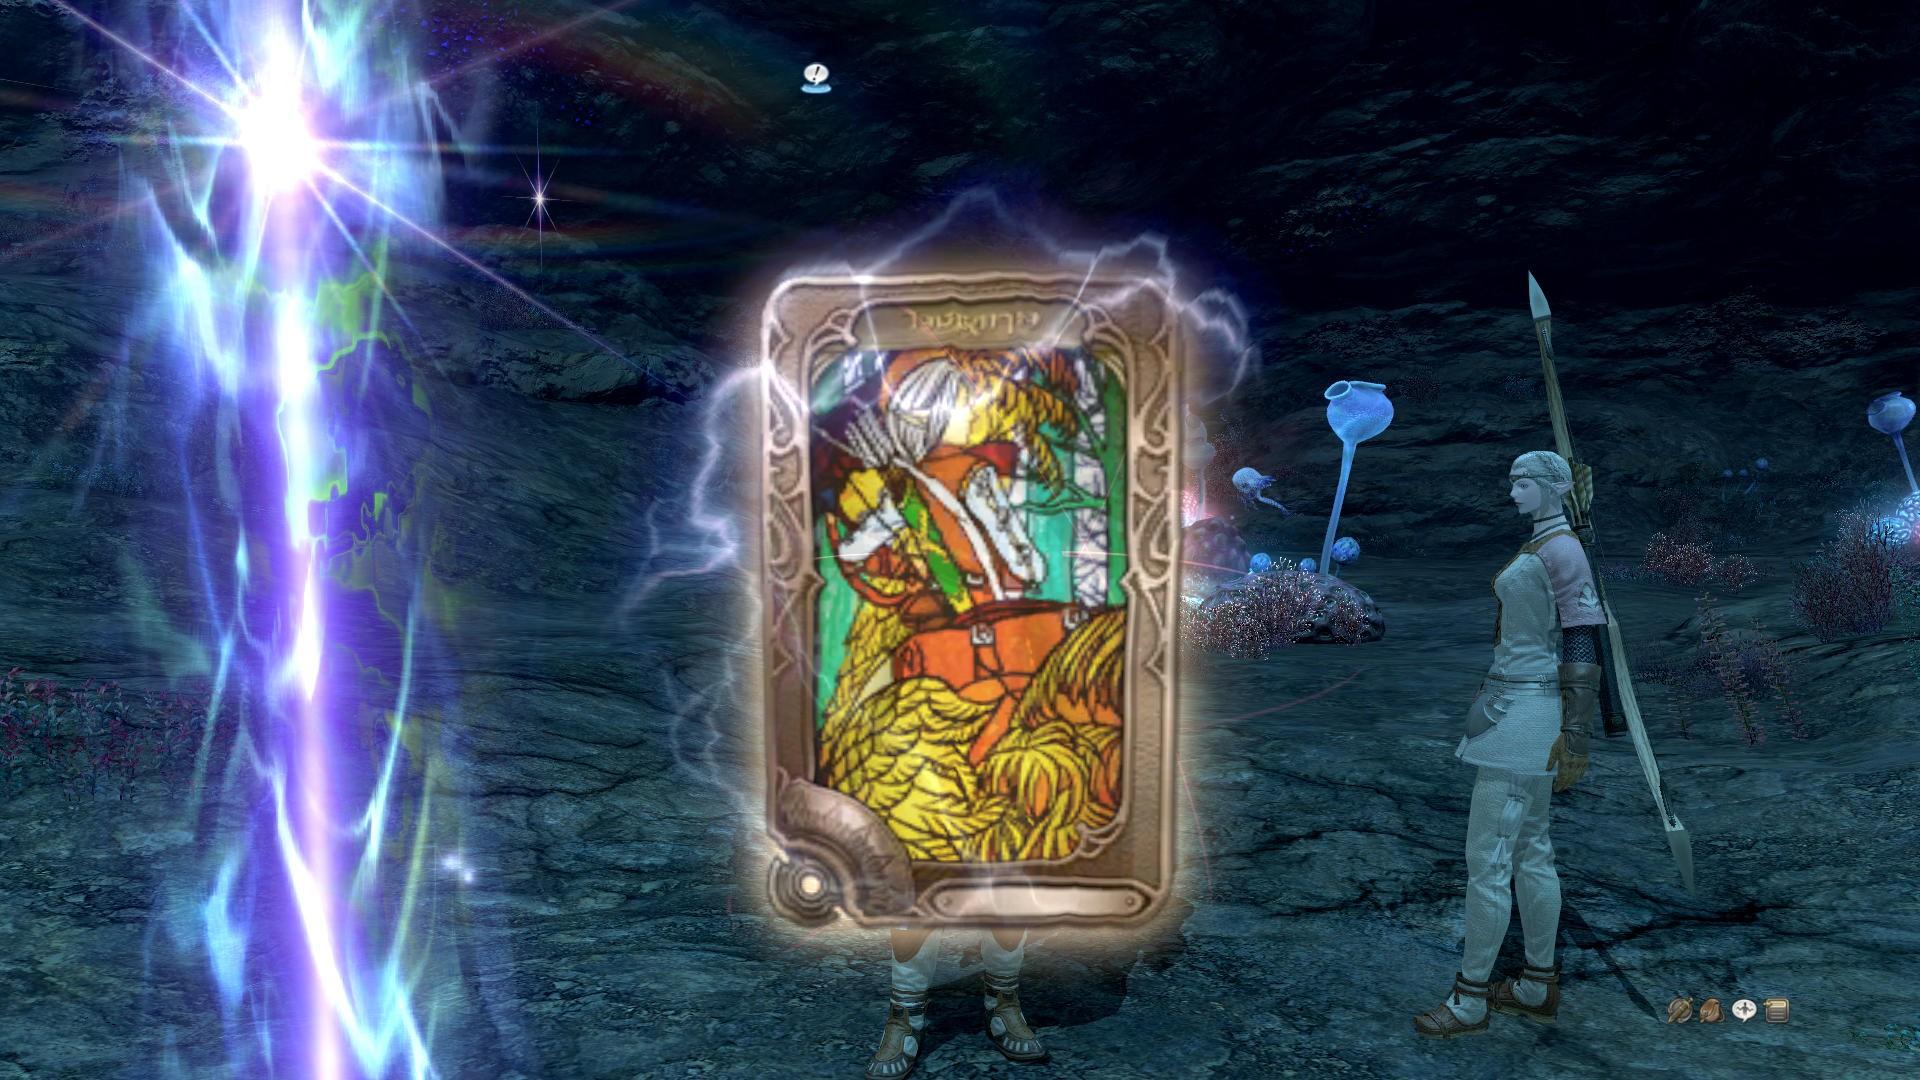 Final Fantasy XIV - Qualche altra immagine